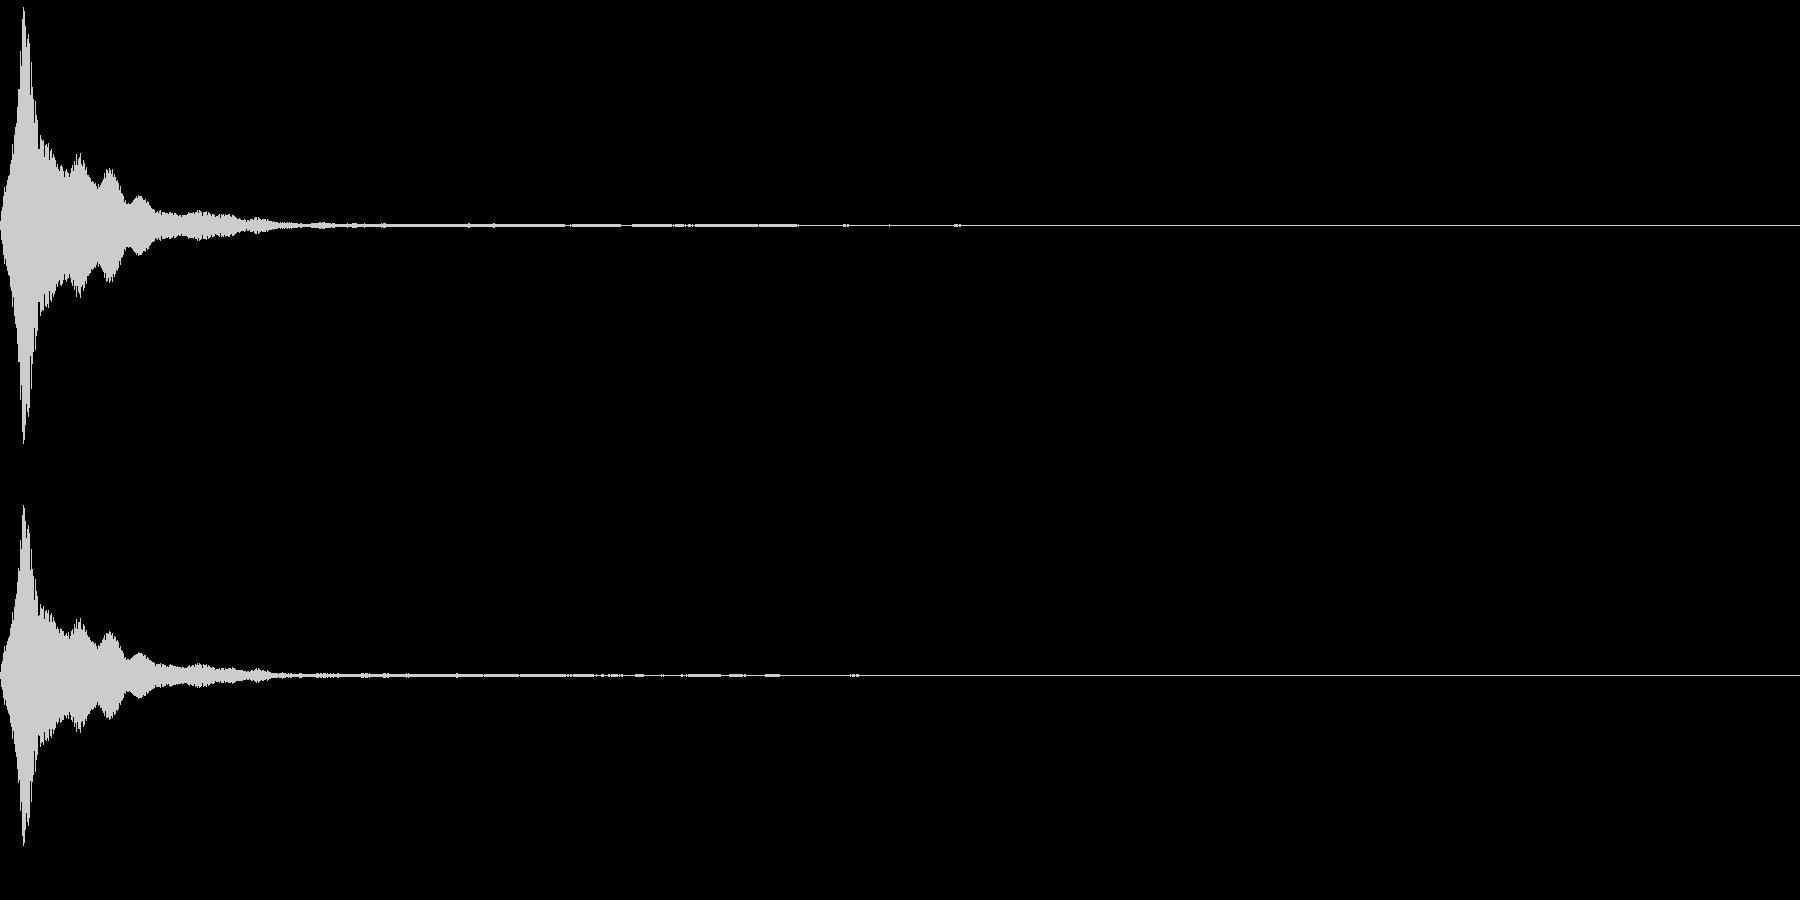 ピッ(カーソル/ 選択/電子音)の未再生の波形